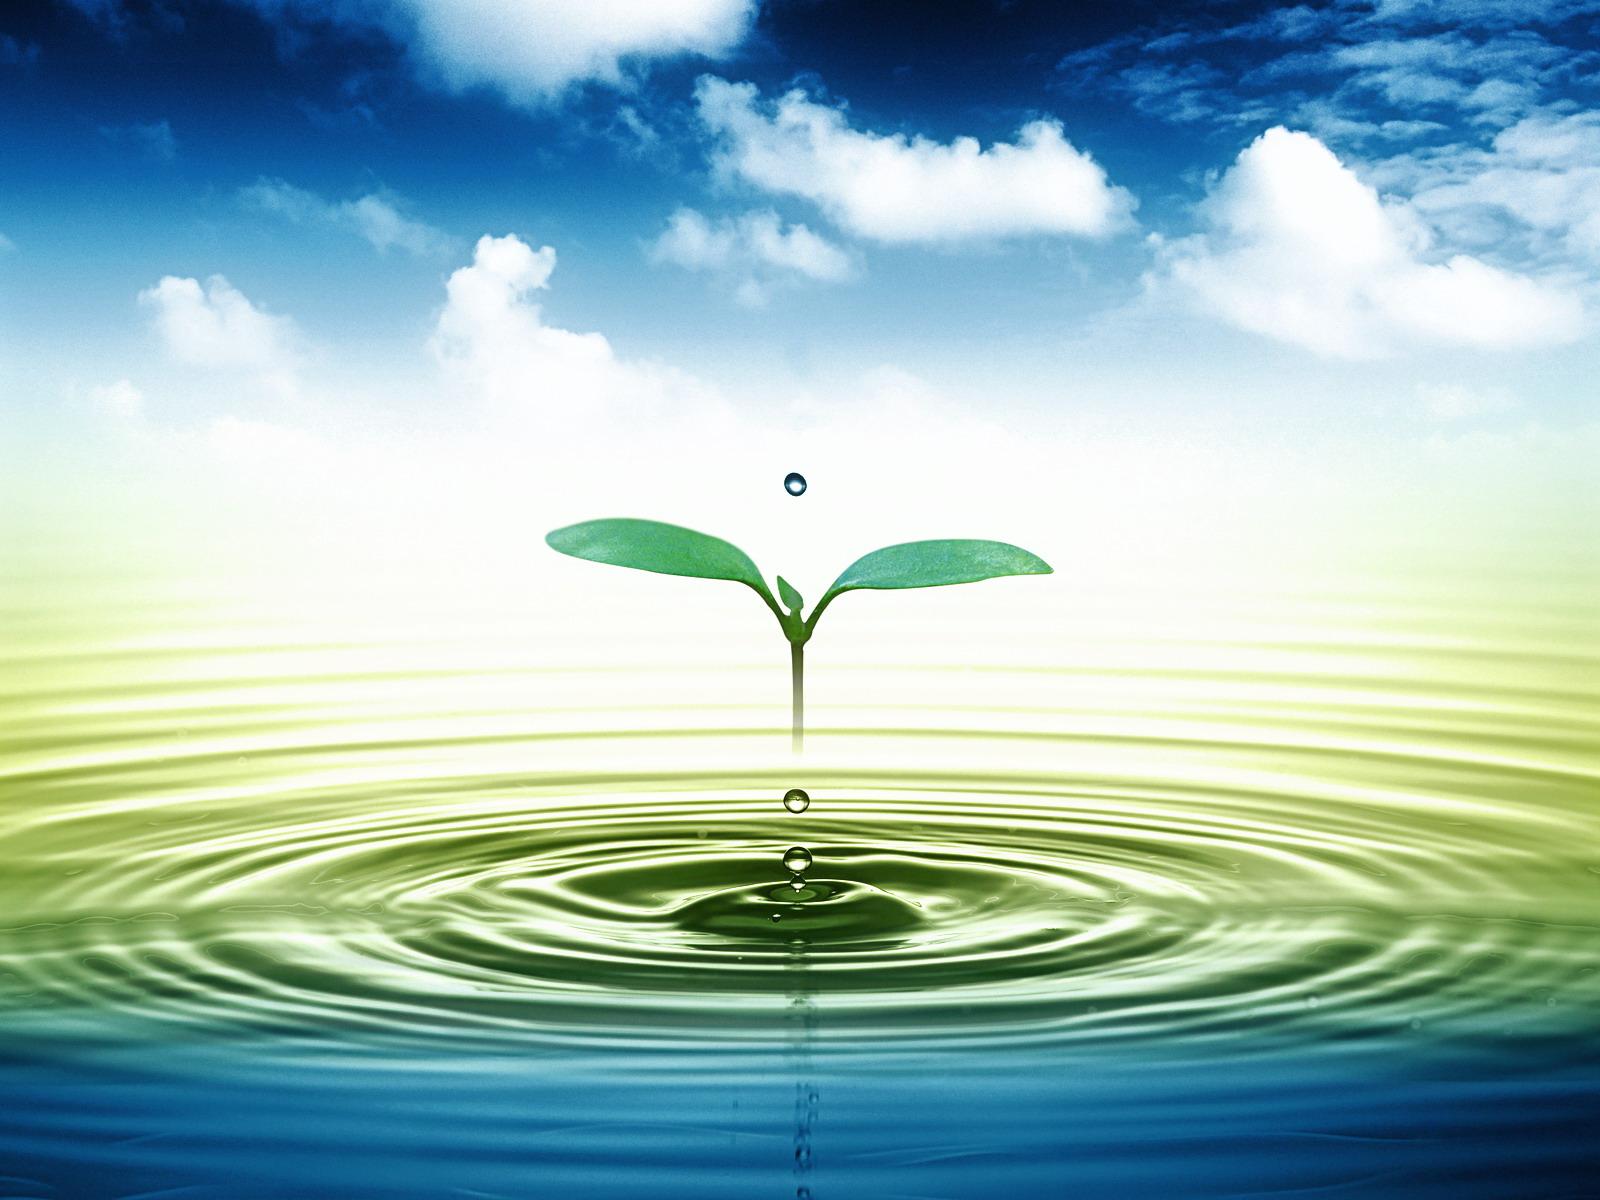 Hậu quả của ô nhiễm môi trường nước ảnh hưởng đến cuộc sống chúng ta.